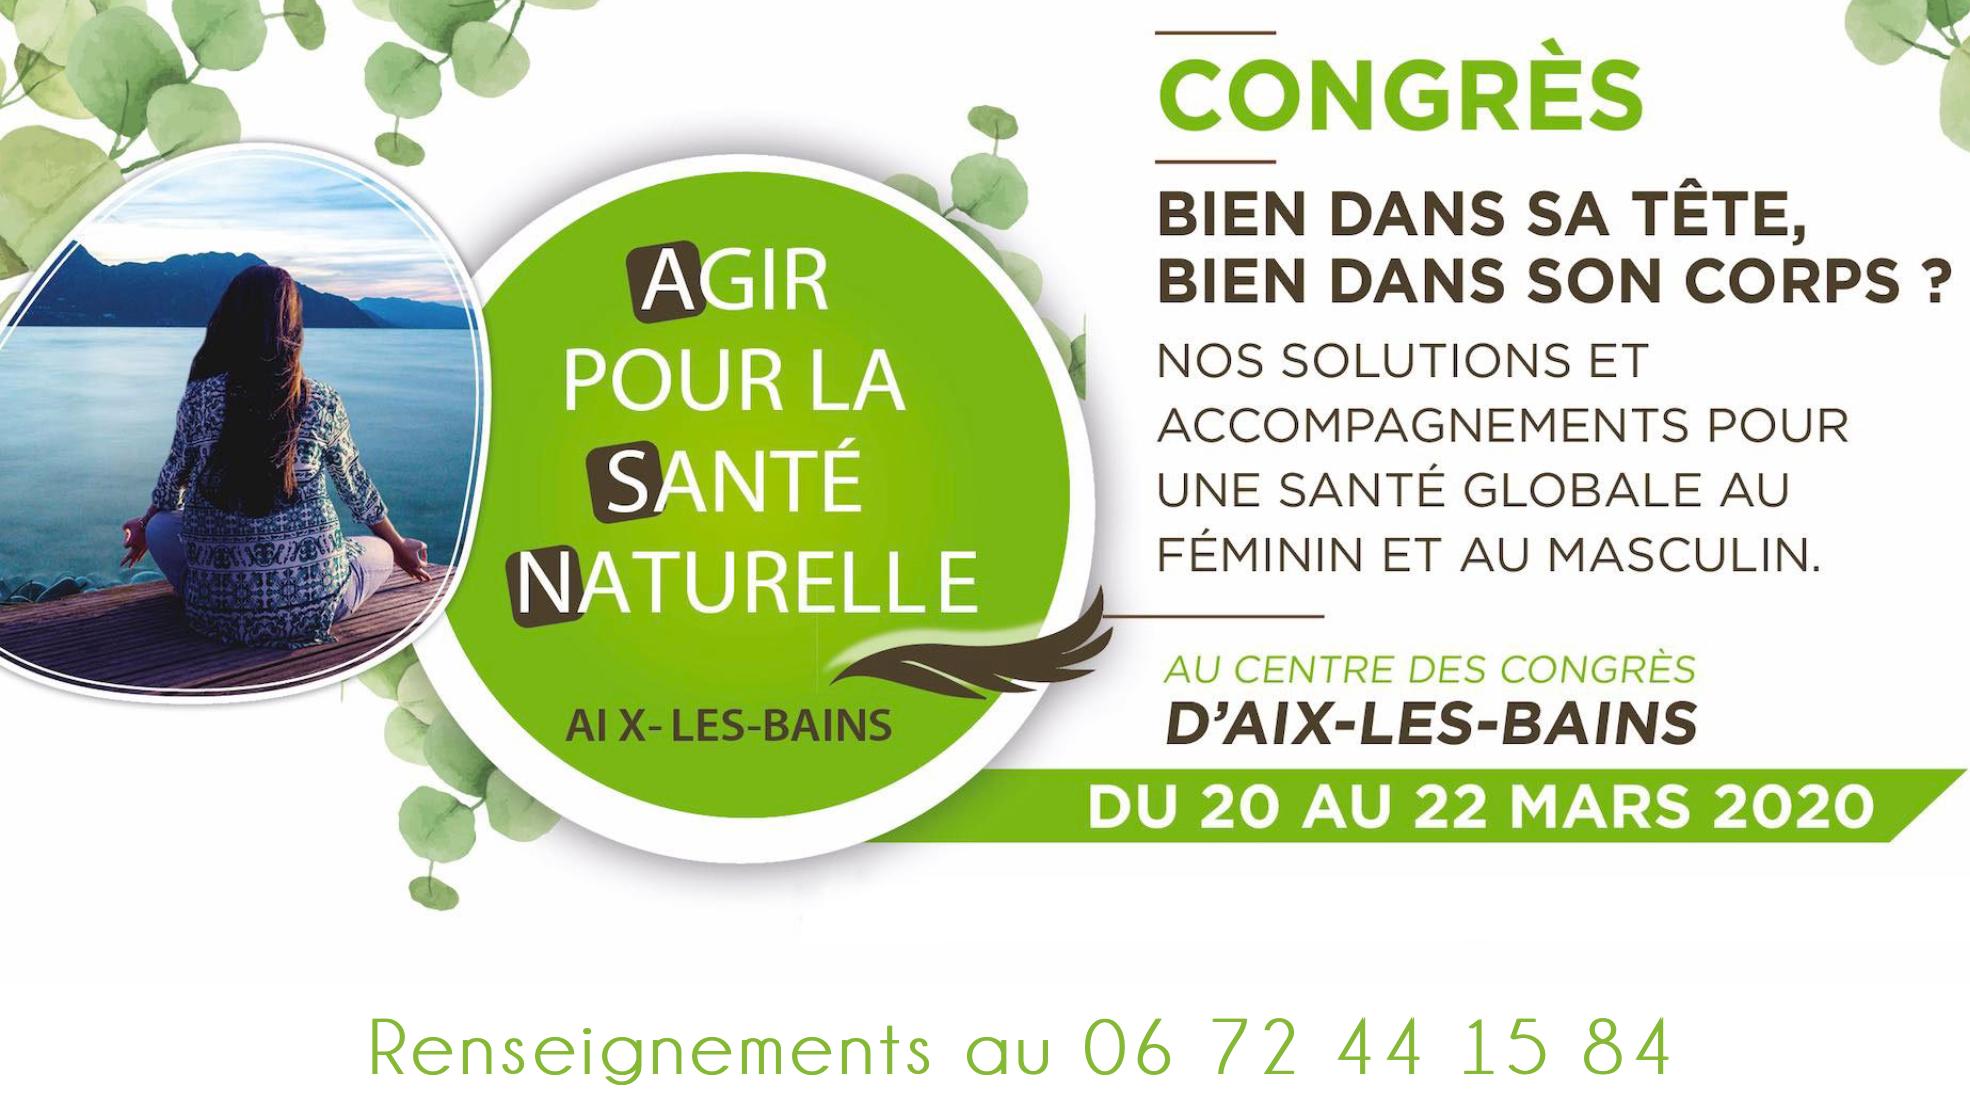 Vendredi 20 mars 2020 à 18h30 - Aix-les-Bains